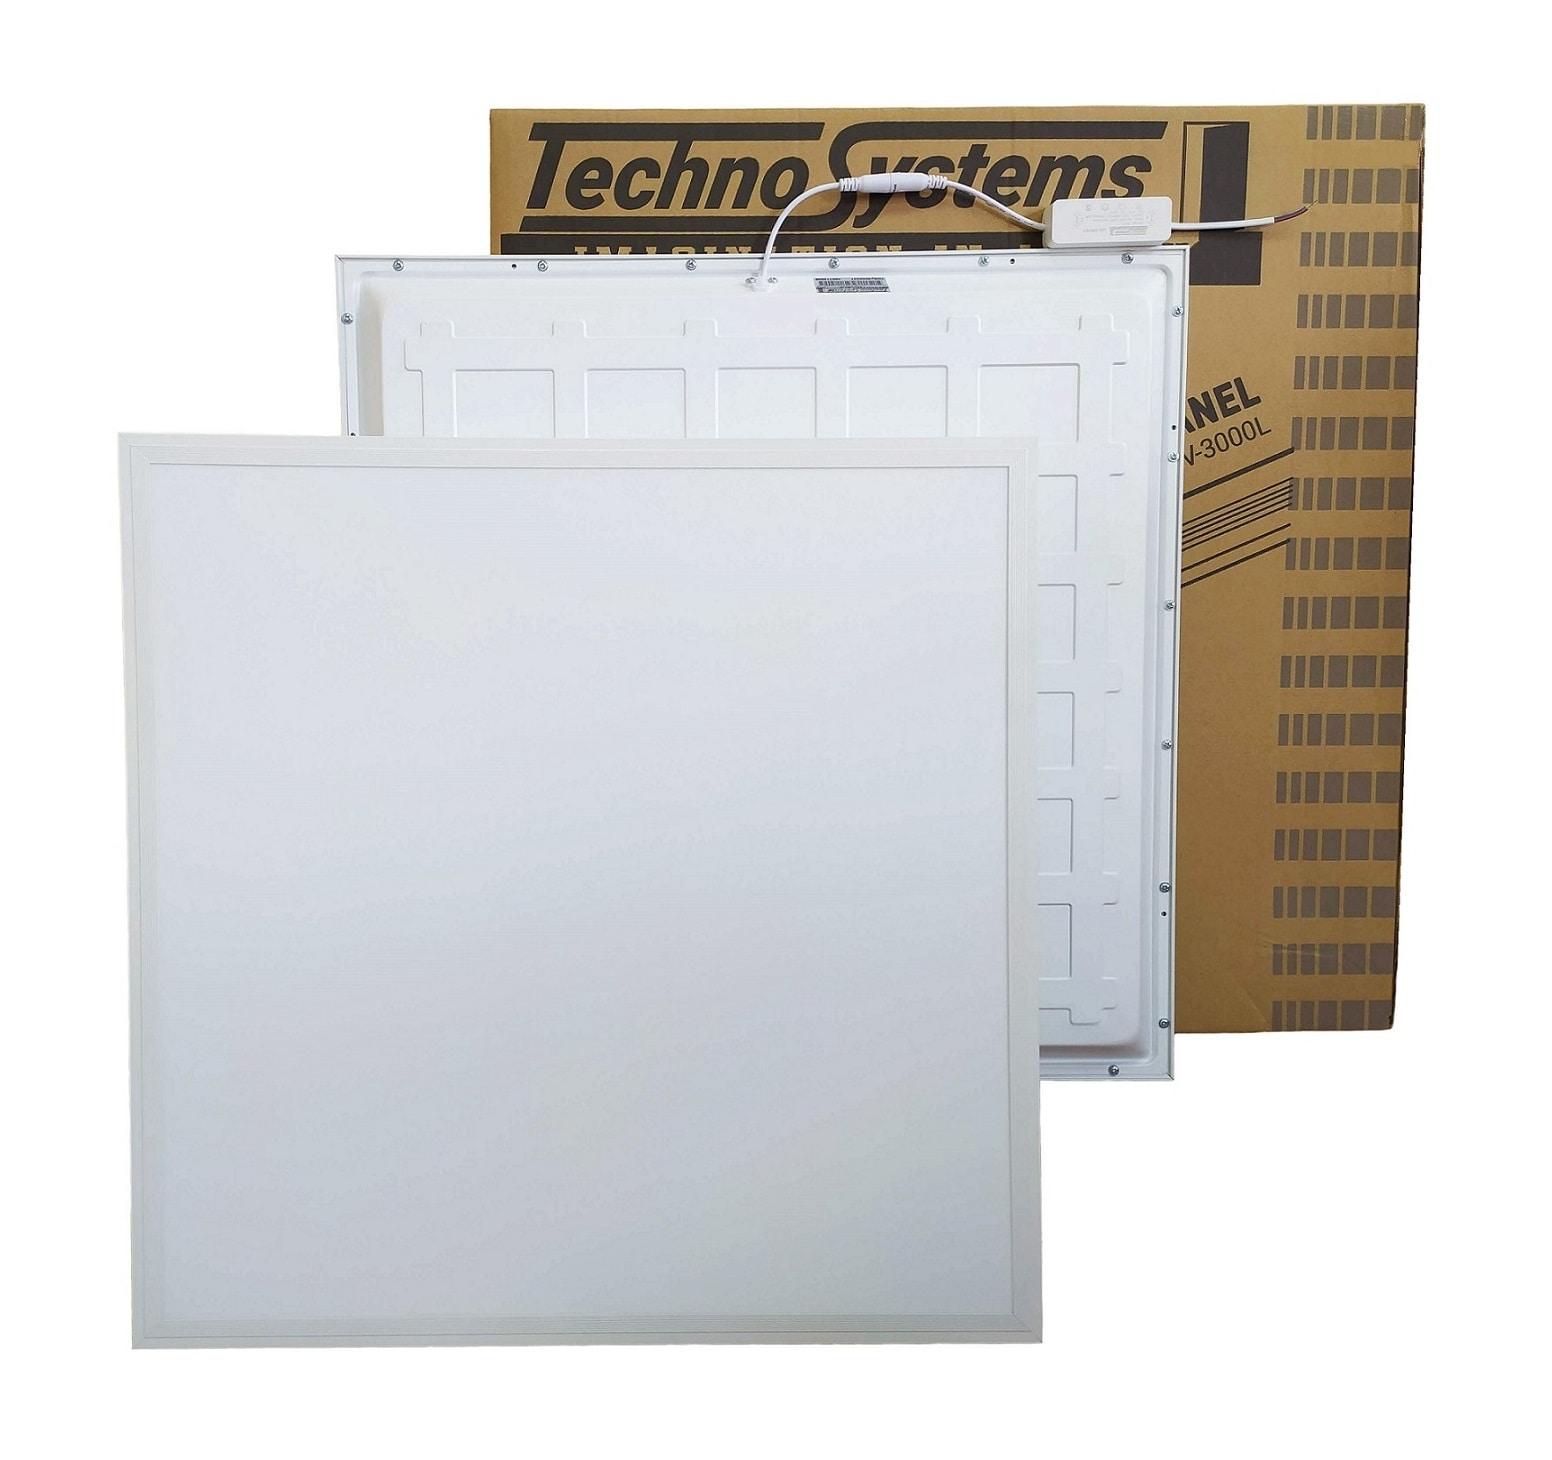 Светодиодное освещение - Панель светодиодная TNSY 48W 6400K 4000L Alum595*595 000001562 - Фото 1